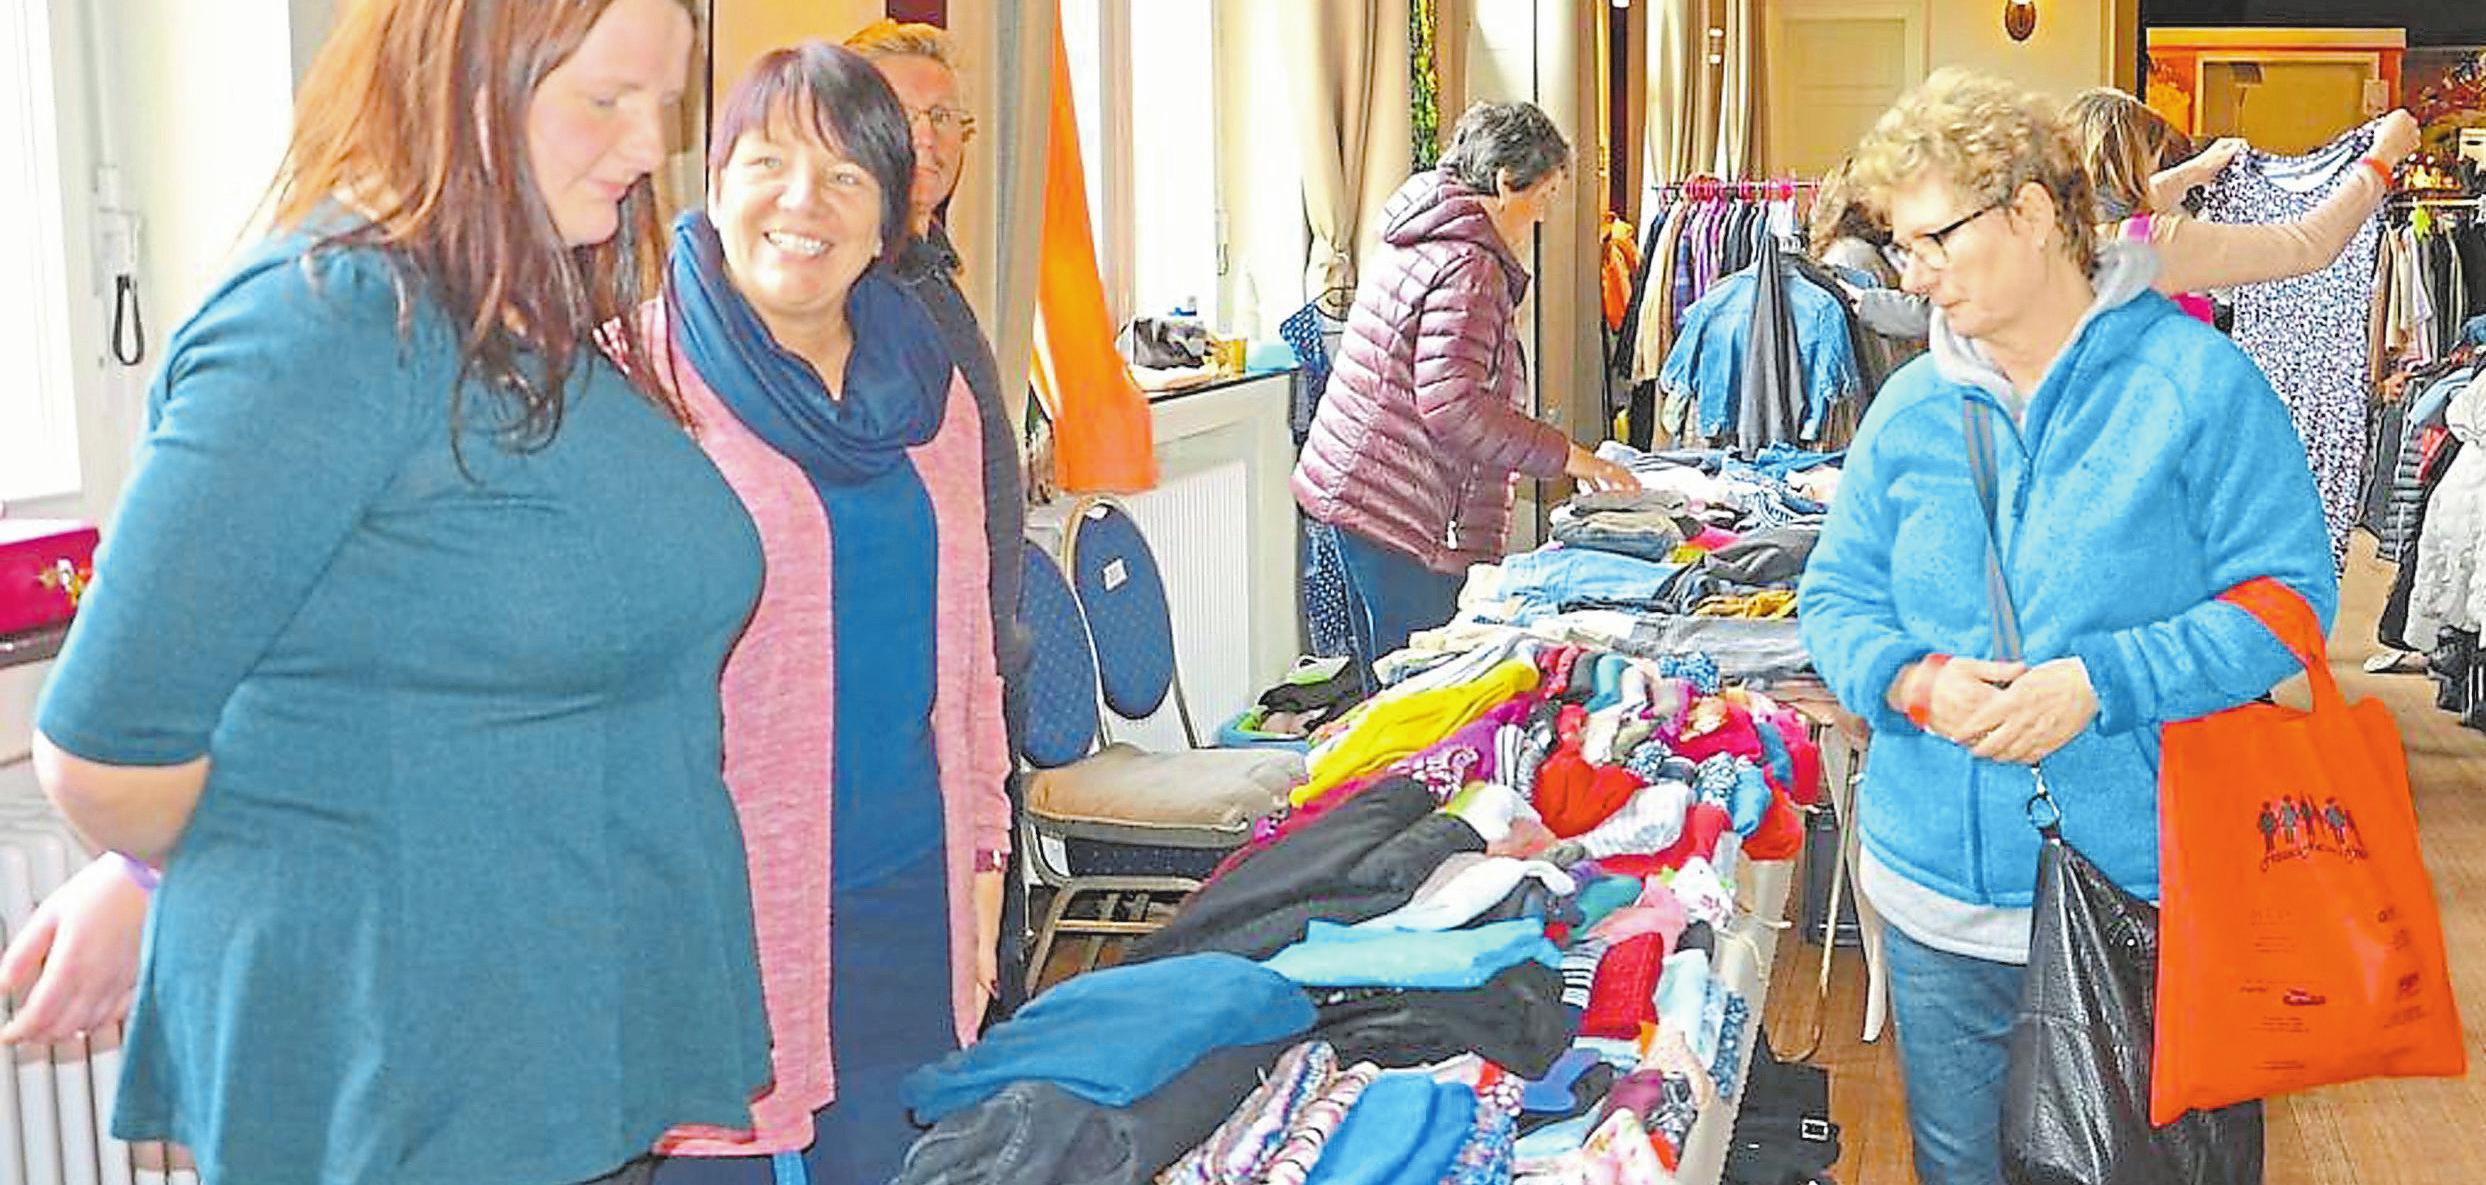 Der Frauenflohmarkt bietet eine große Auswahl. Foto: Claudia Mertins